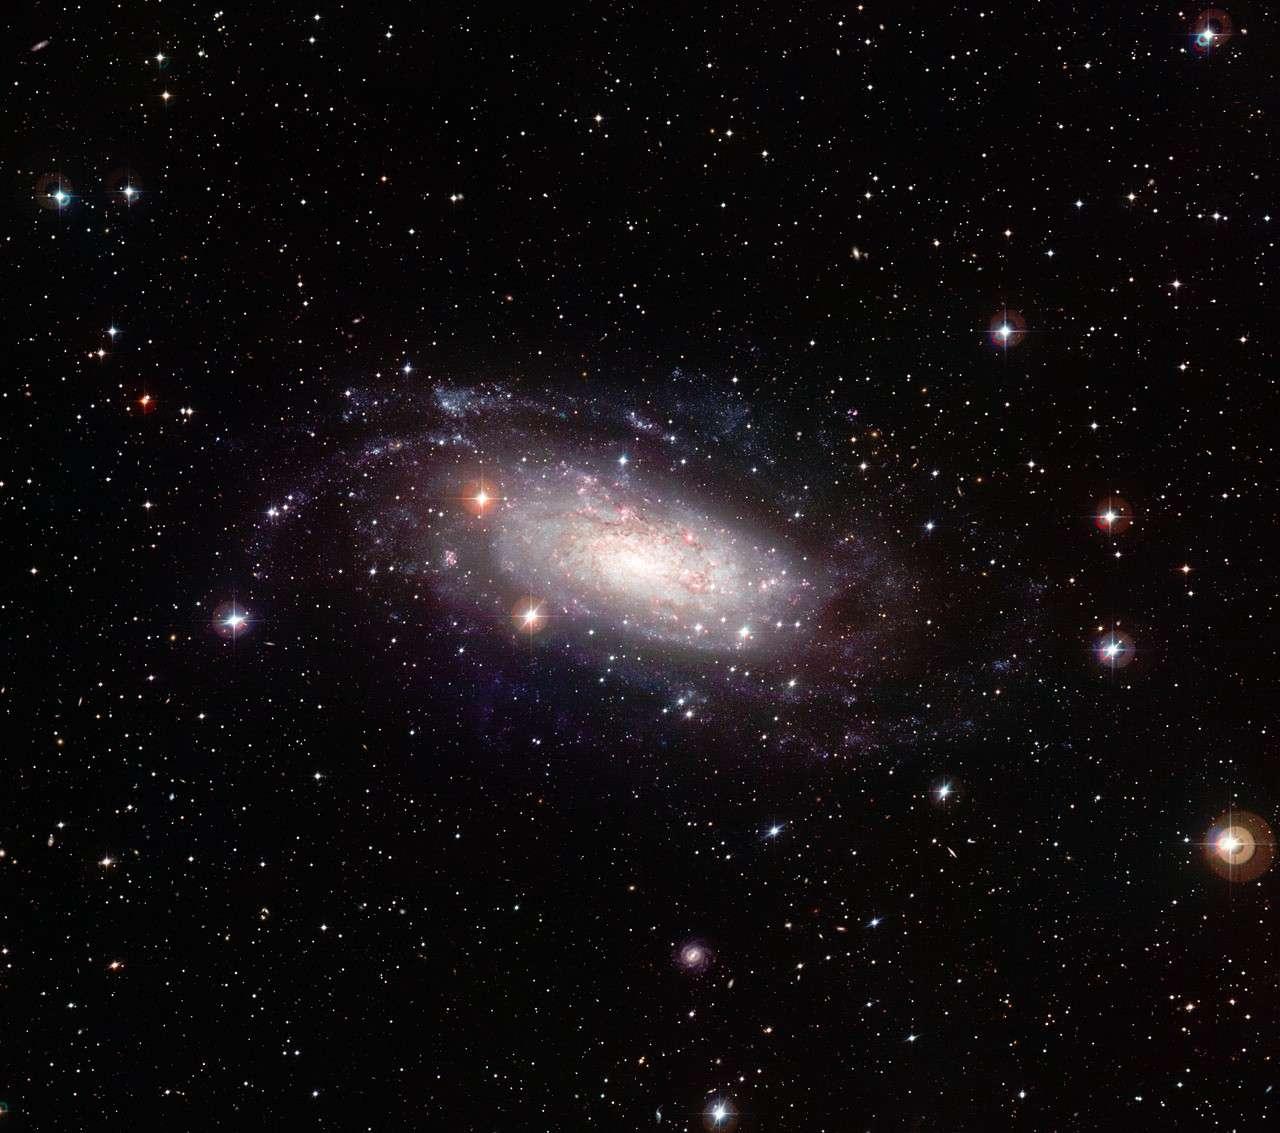 NGC 3621, une galaxie spirale à disque pur située dans la constellation de l'Hydre. © ESO/ J. De Pasquale